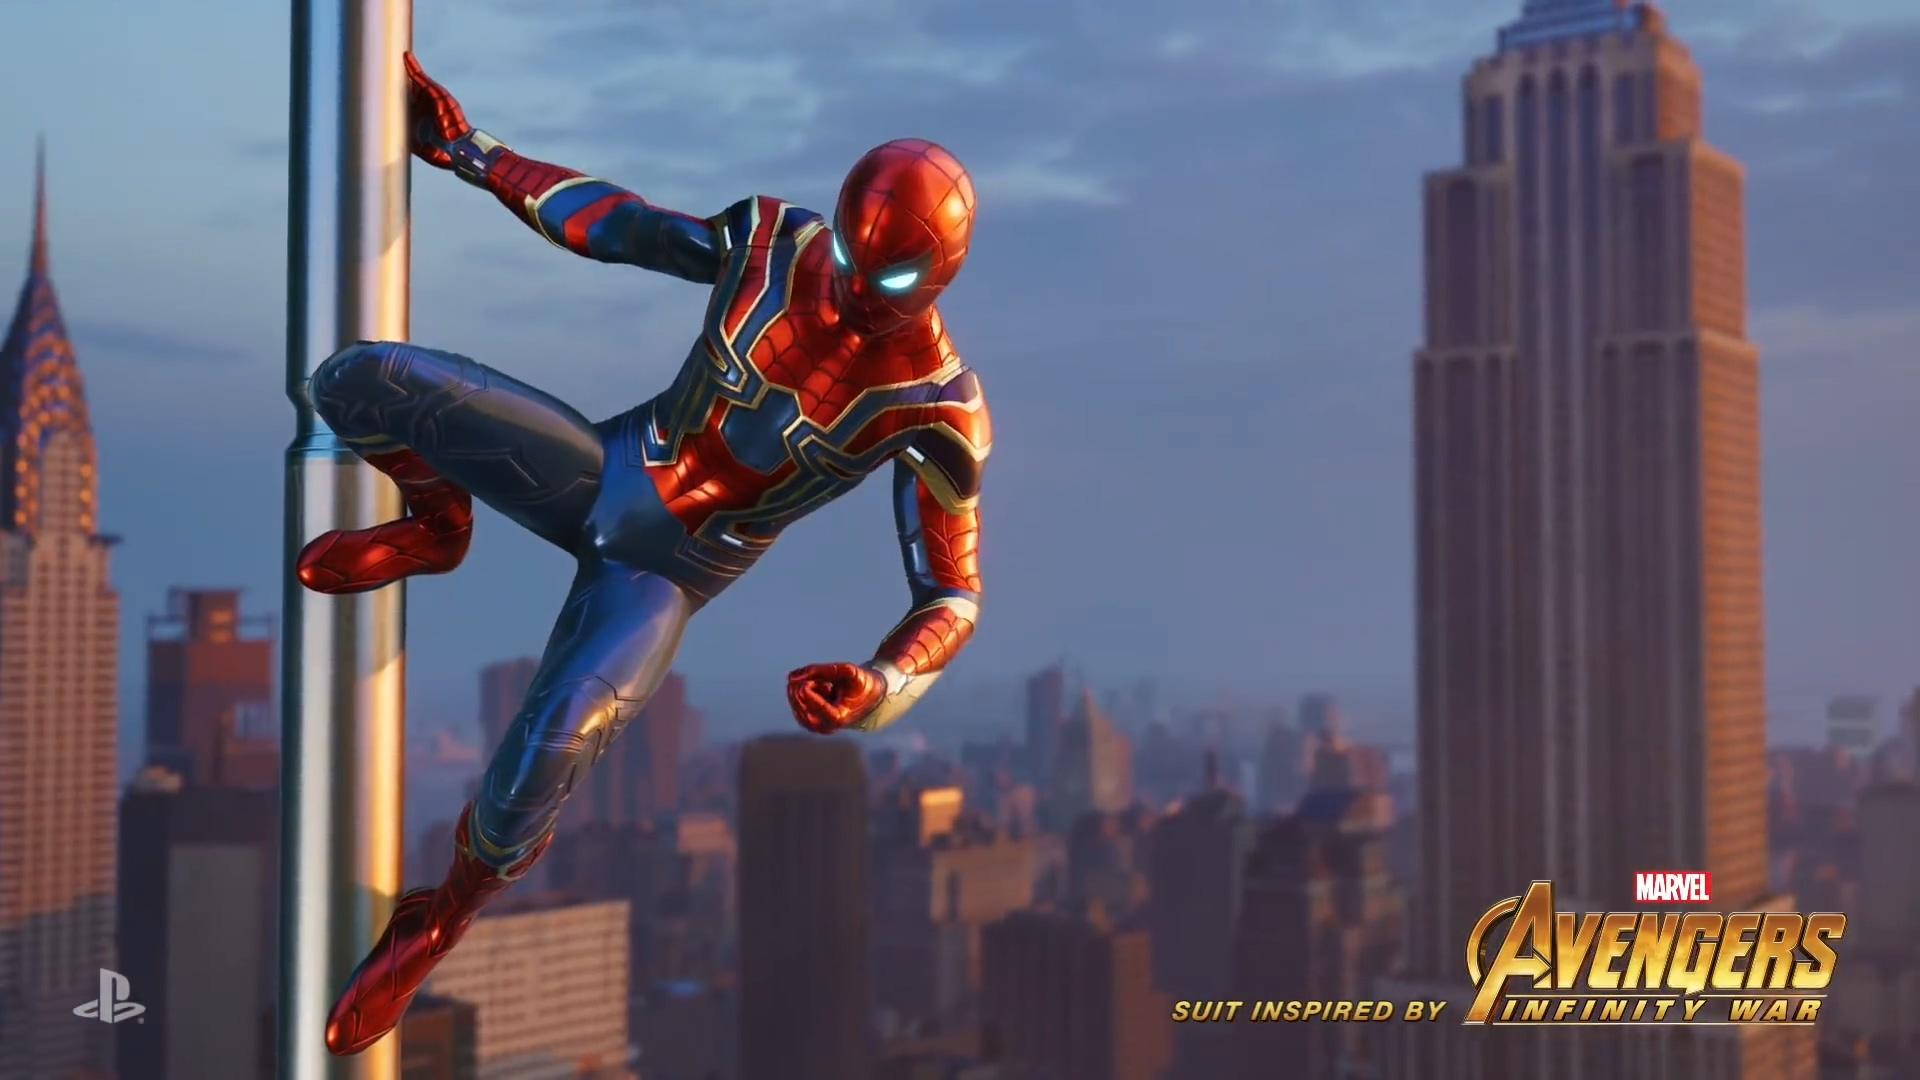 復仇者聯盟3 Image: PS4《蜘蛛侠》经典红蓝蜘蛛战衣首曝 粉丝高潮_www.3dmgame.com